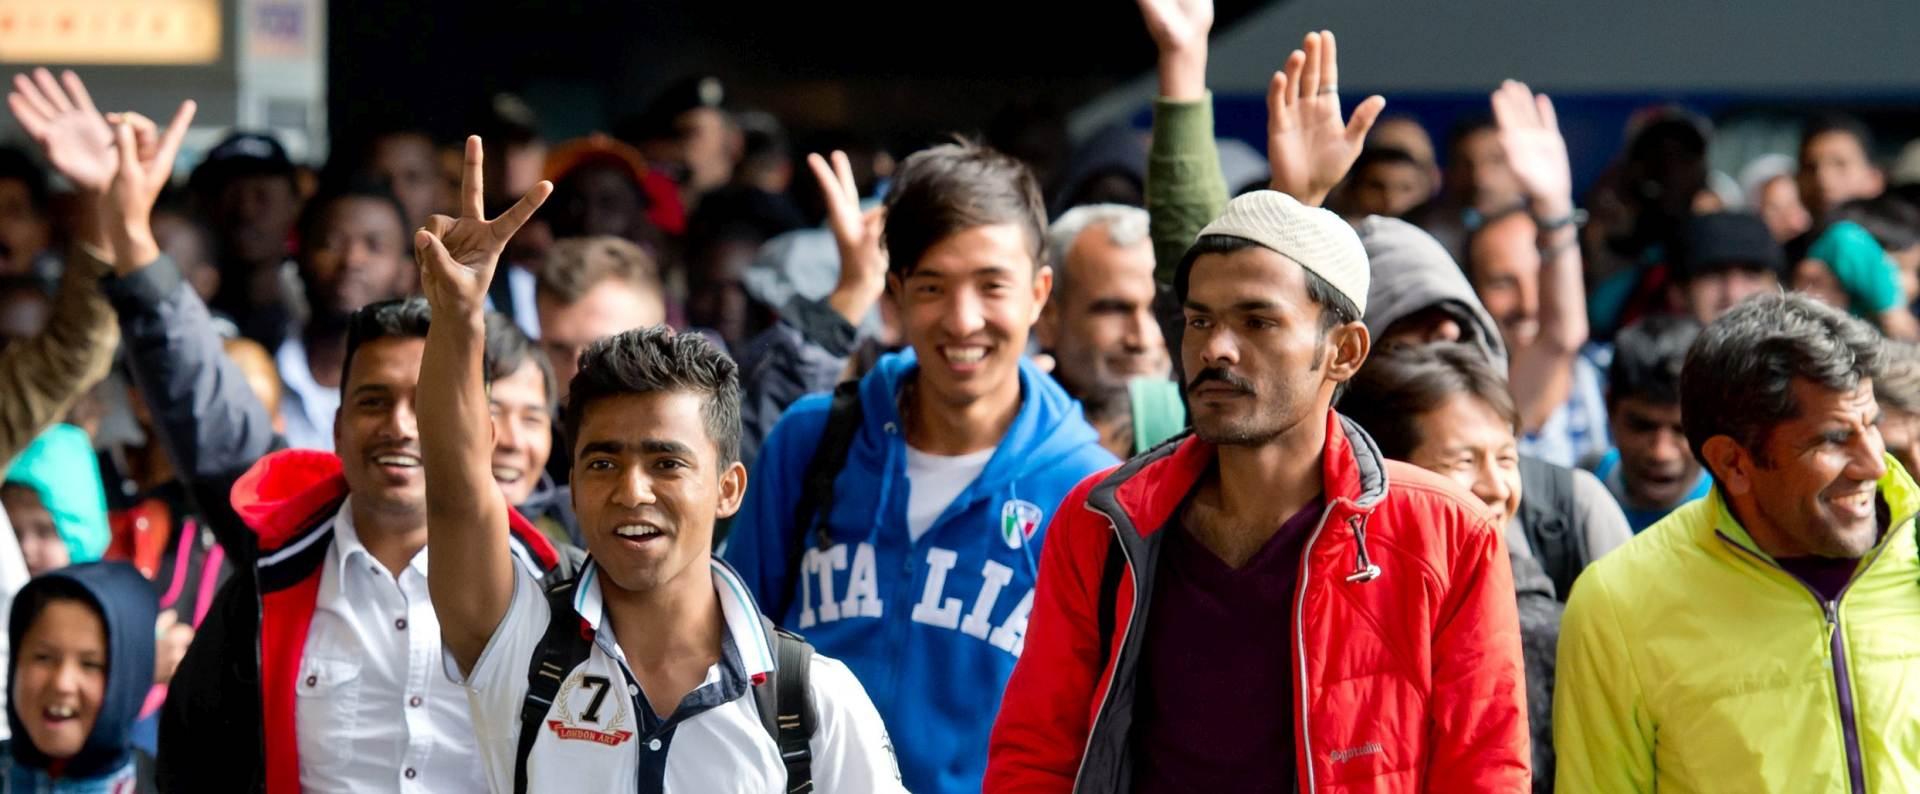 NJEMAČKI KRIMINALISTI TVRDE: Deset posto izbjeglica završit će u kriminalu